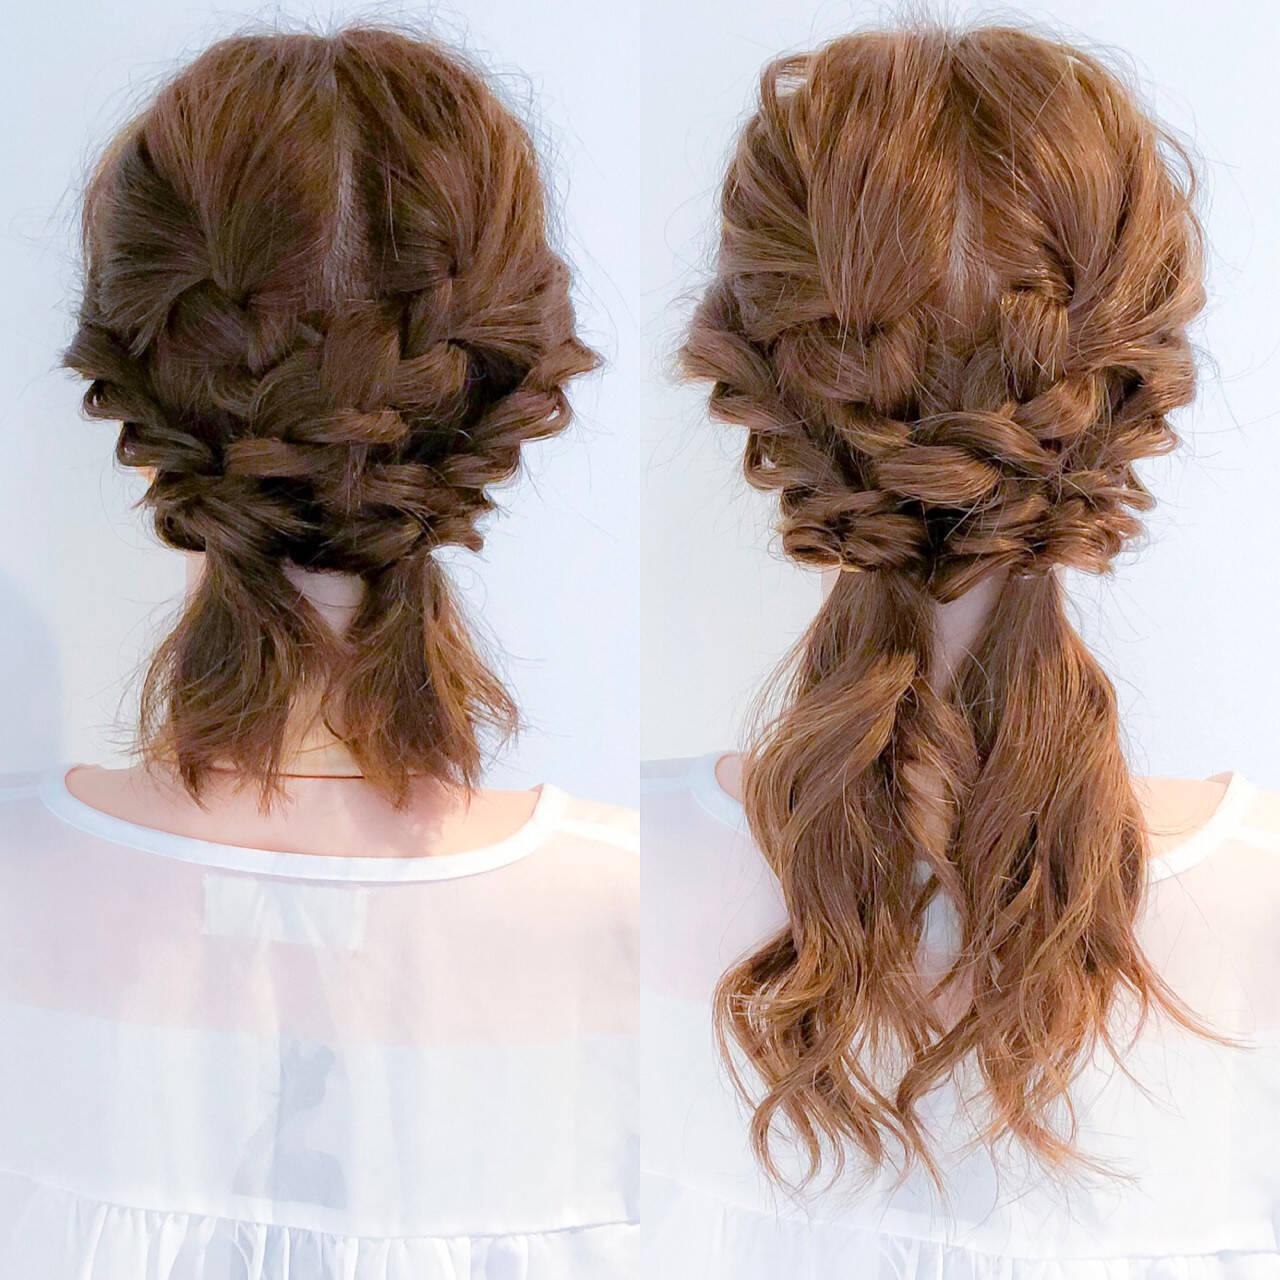 ロング フェミニン 簡単ヘアアレンジ 大人女子ヘアスタイルや髪型の写真・画像